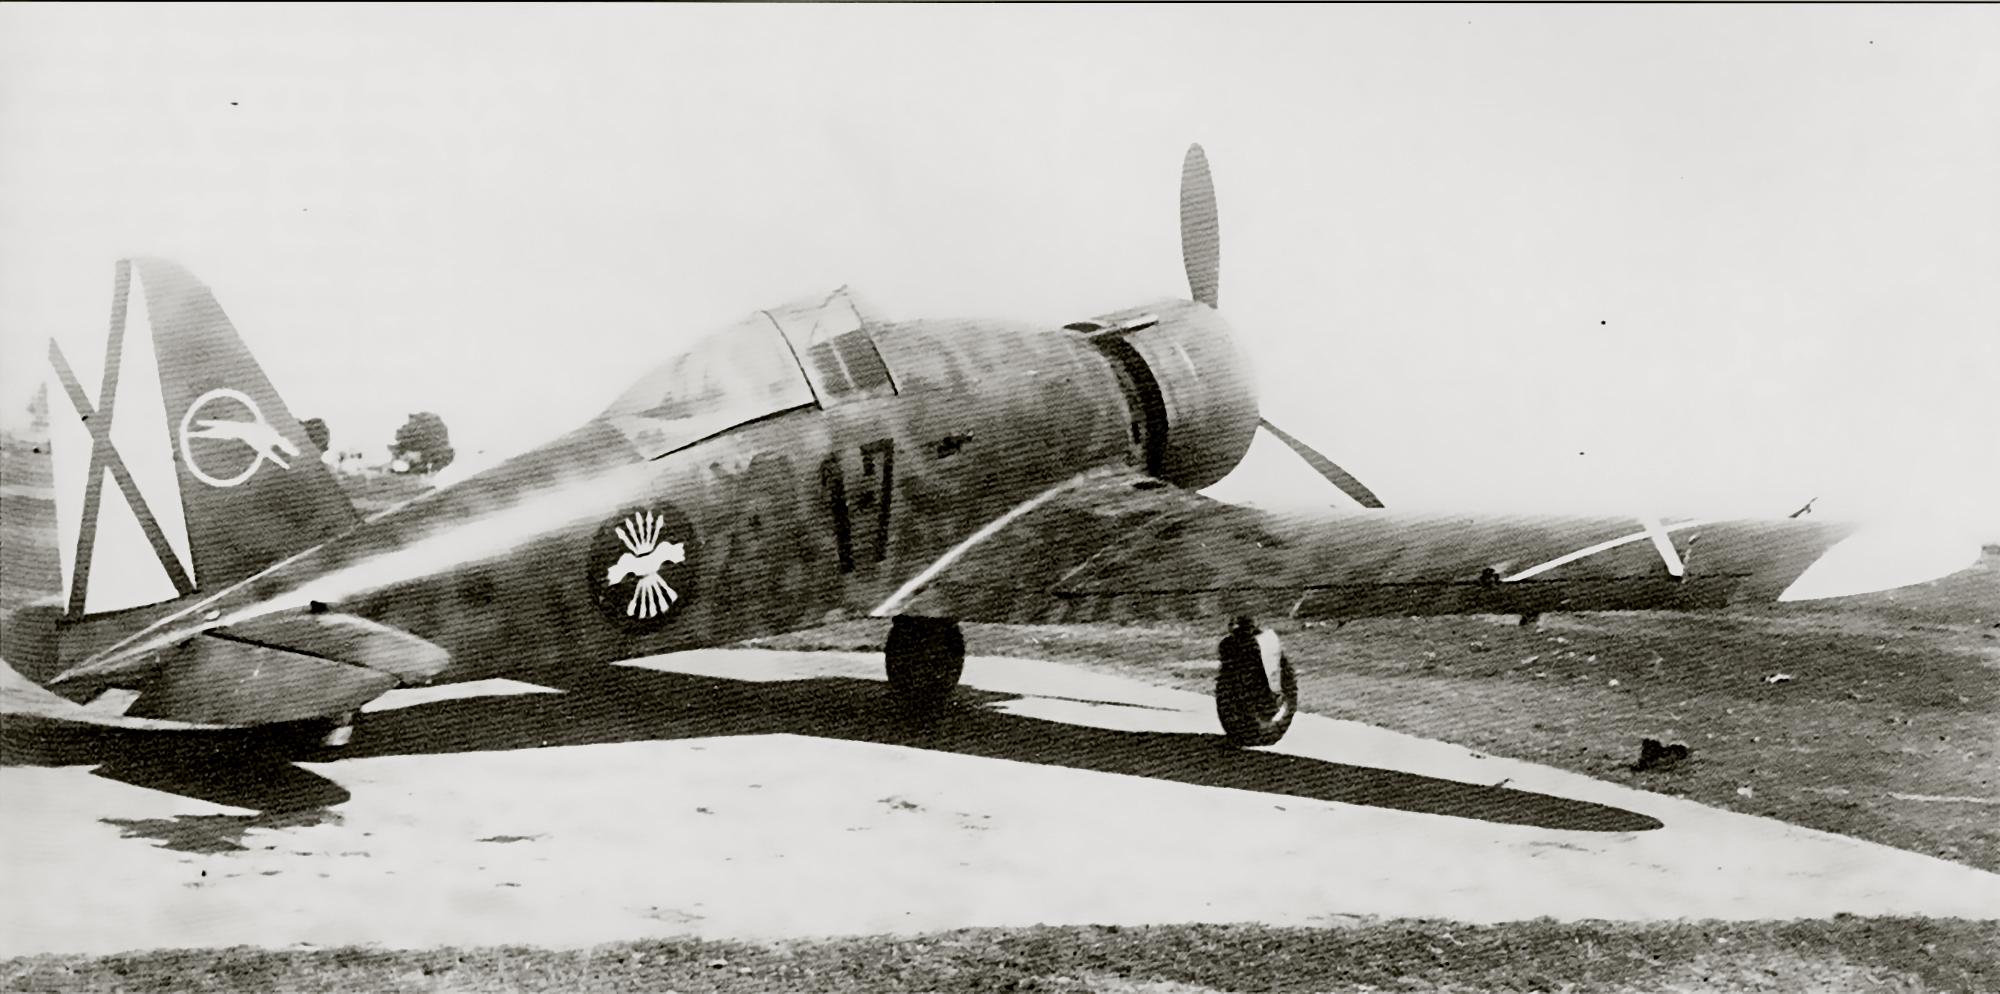 Fiat G50 Freccia Aviacion Nacional 27 Gruppo de Caza 7 MM3582 Sevilla Tablada Spain Jun 1939 02